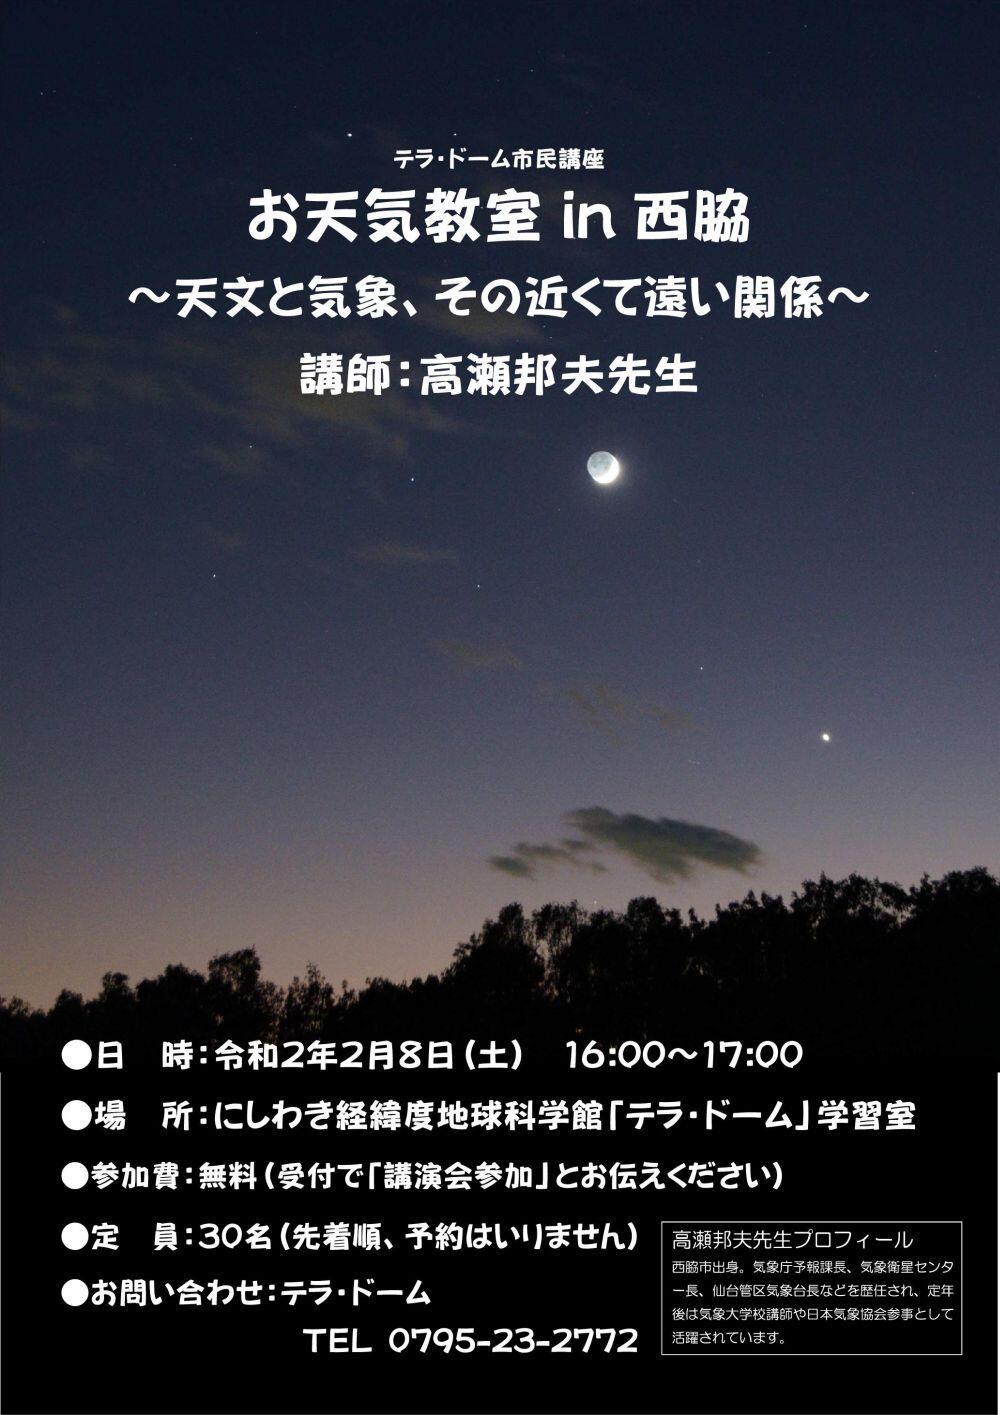 2/8 お天気教室in西脇:テラ・ドーム